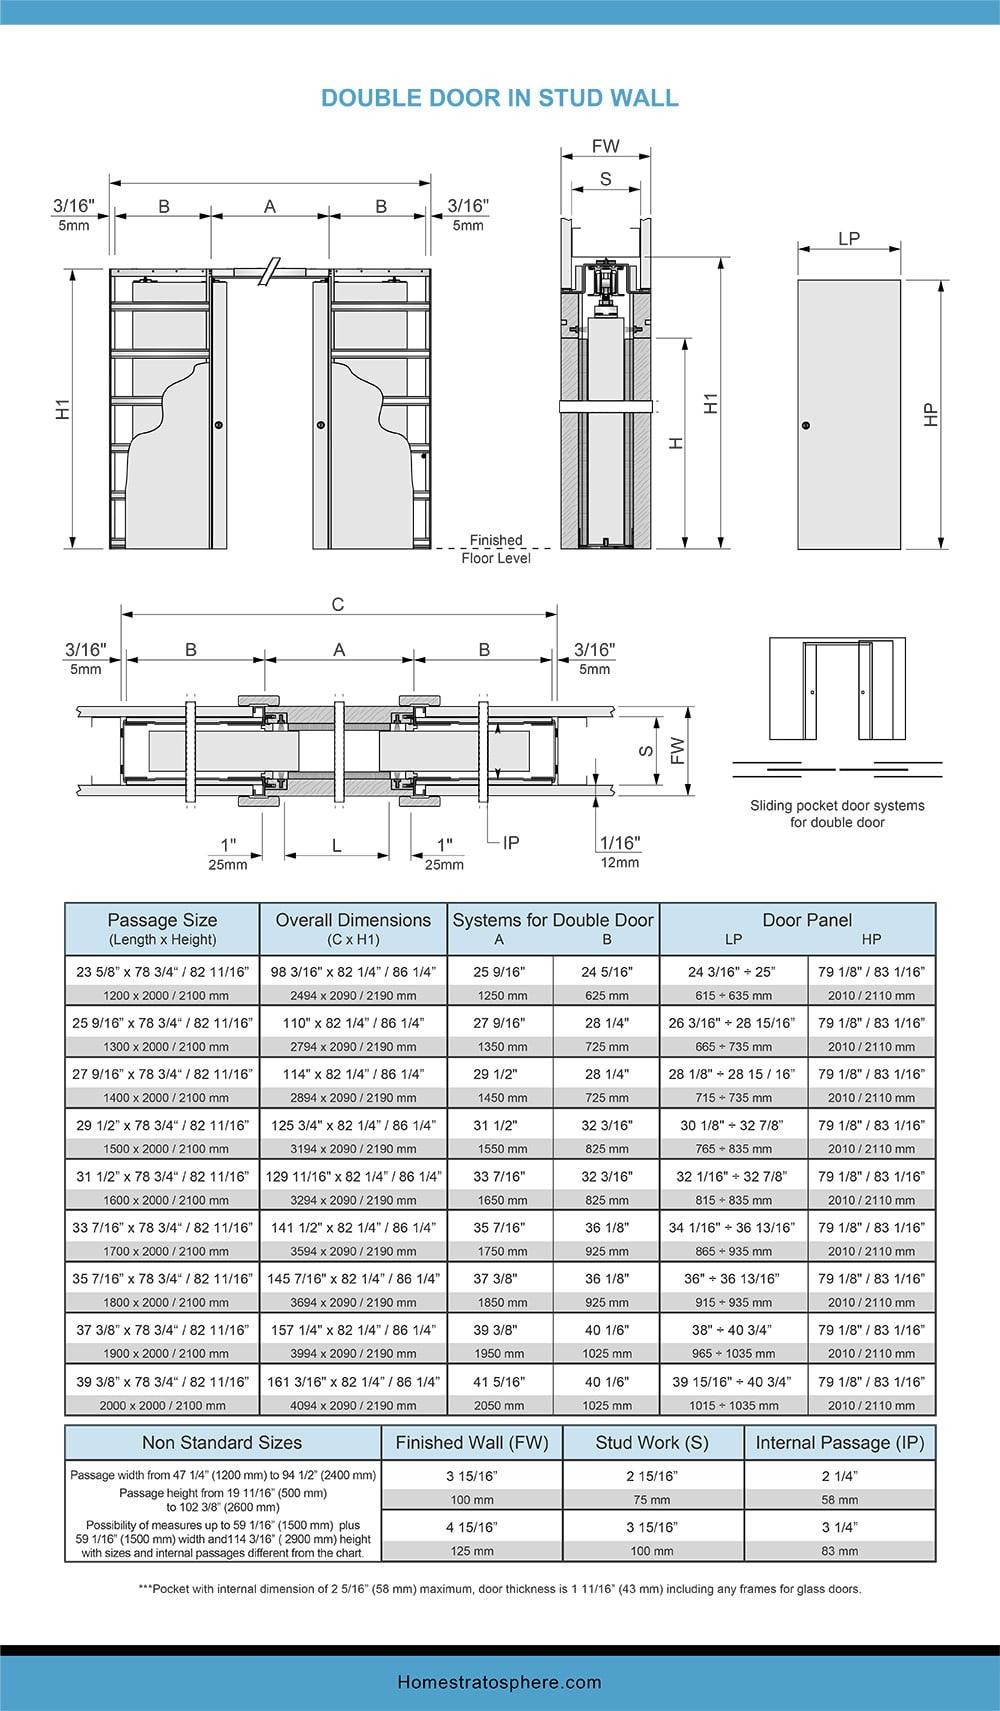 Chart Dimensions of a Pocket Door- Double Door in Stud Wall